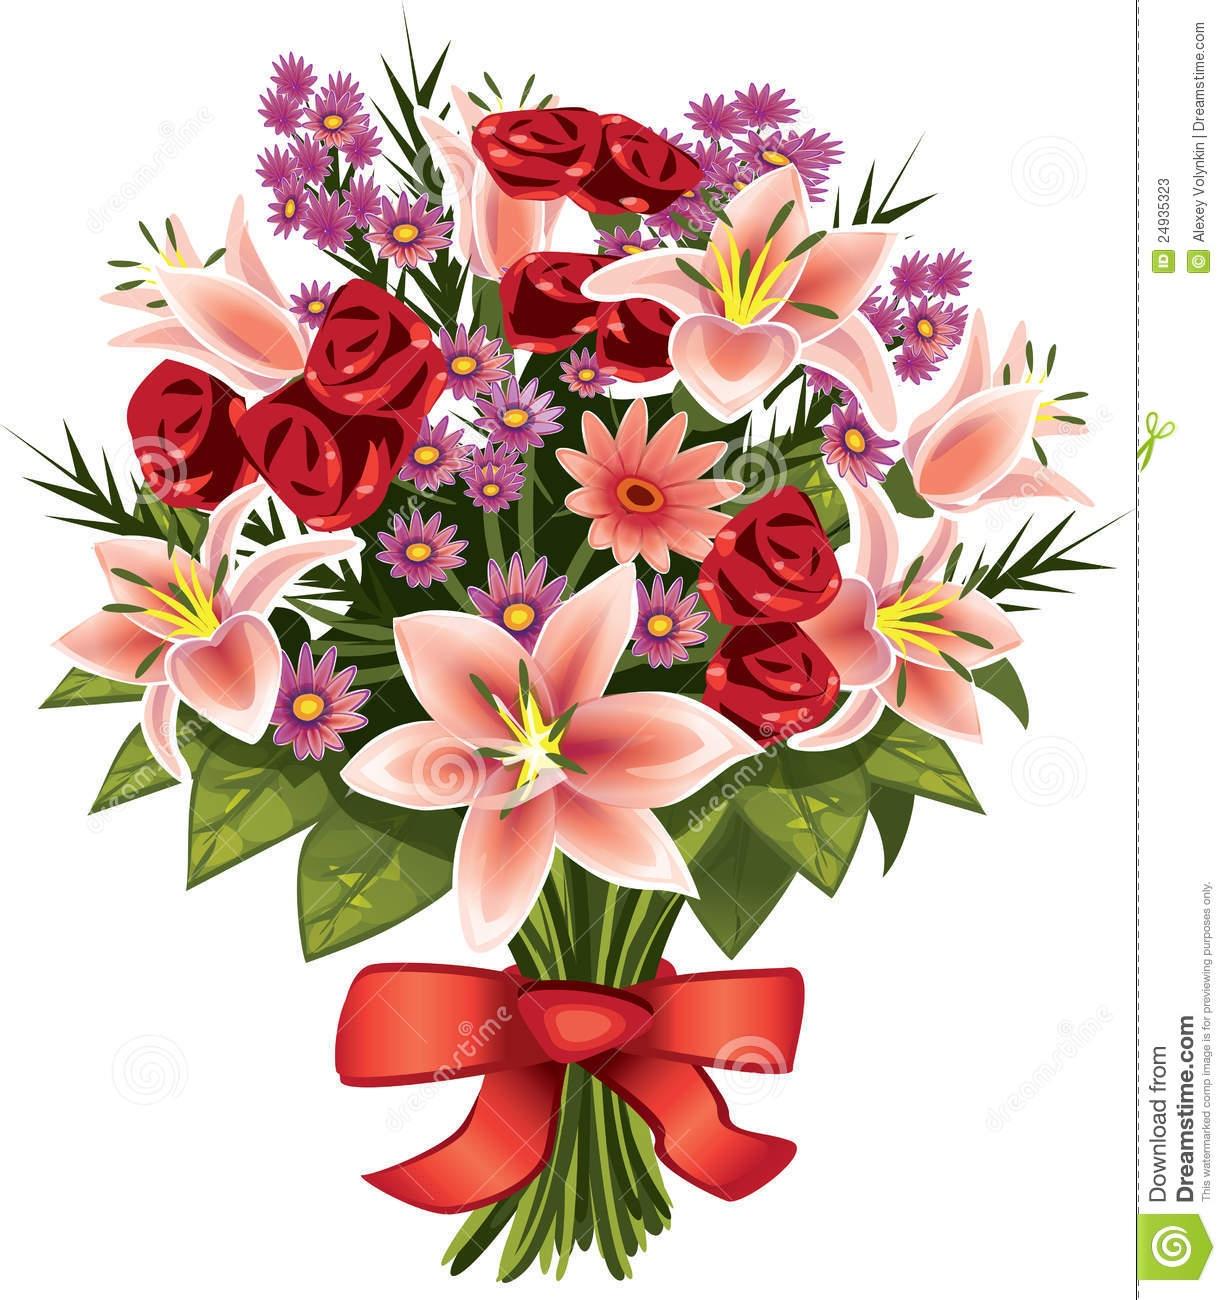 Bouquet clipart flower bunch. Arrangements elegant flowers drawing